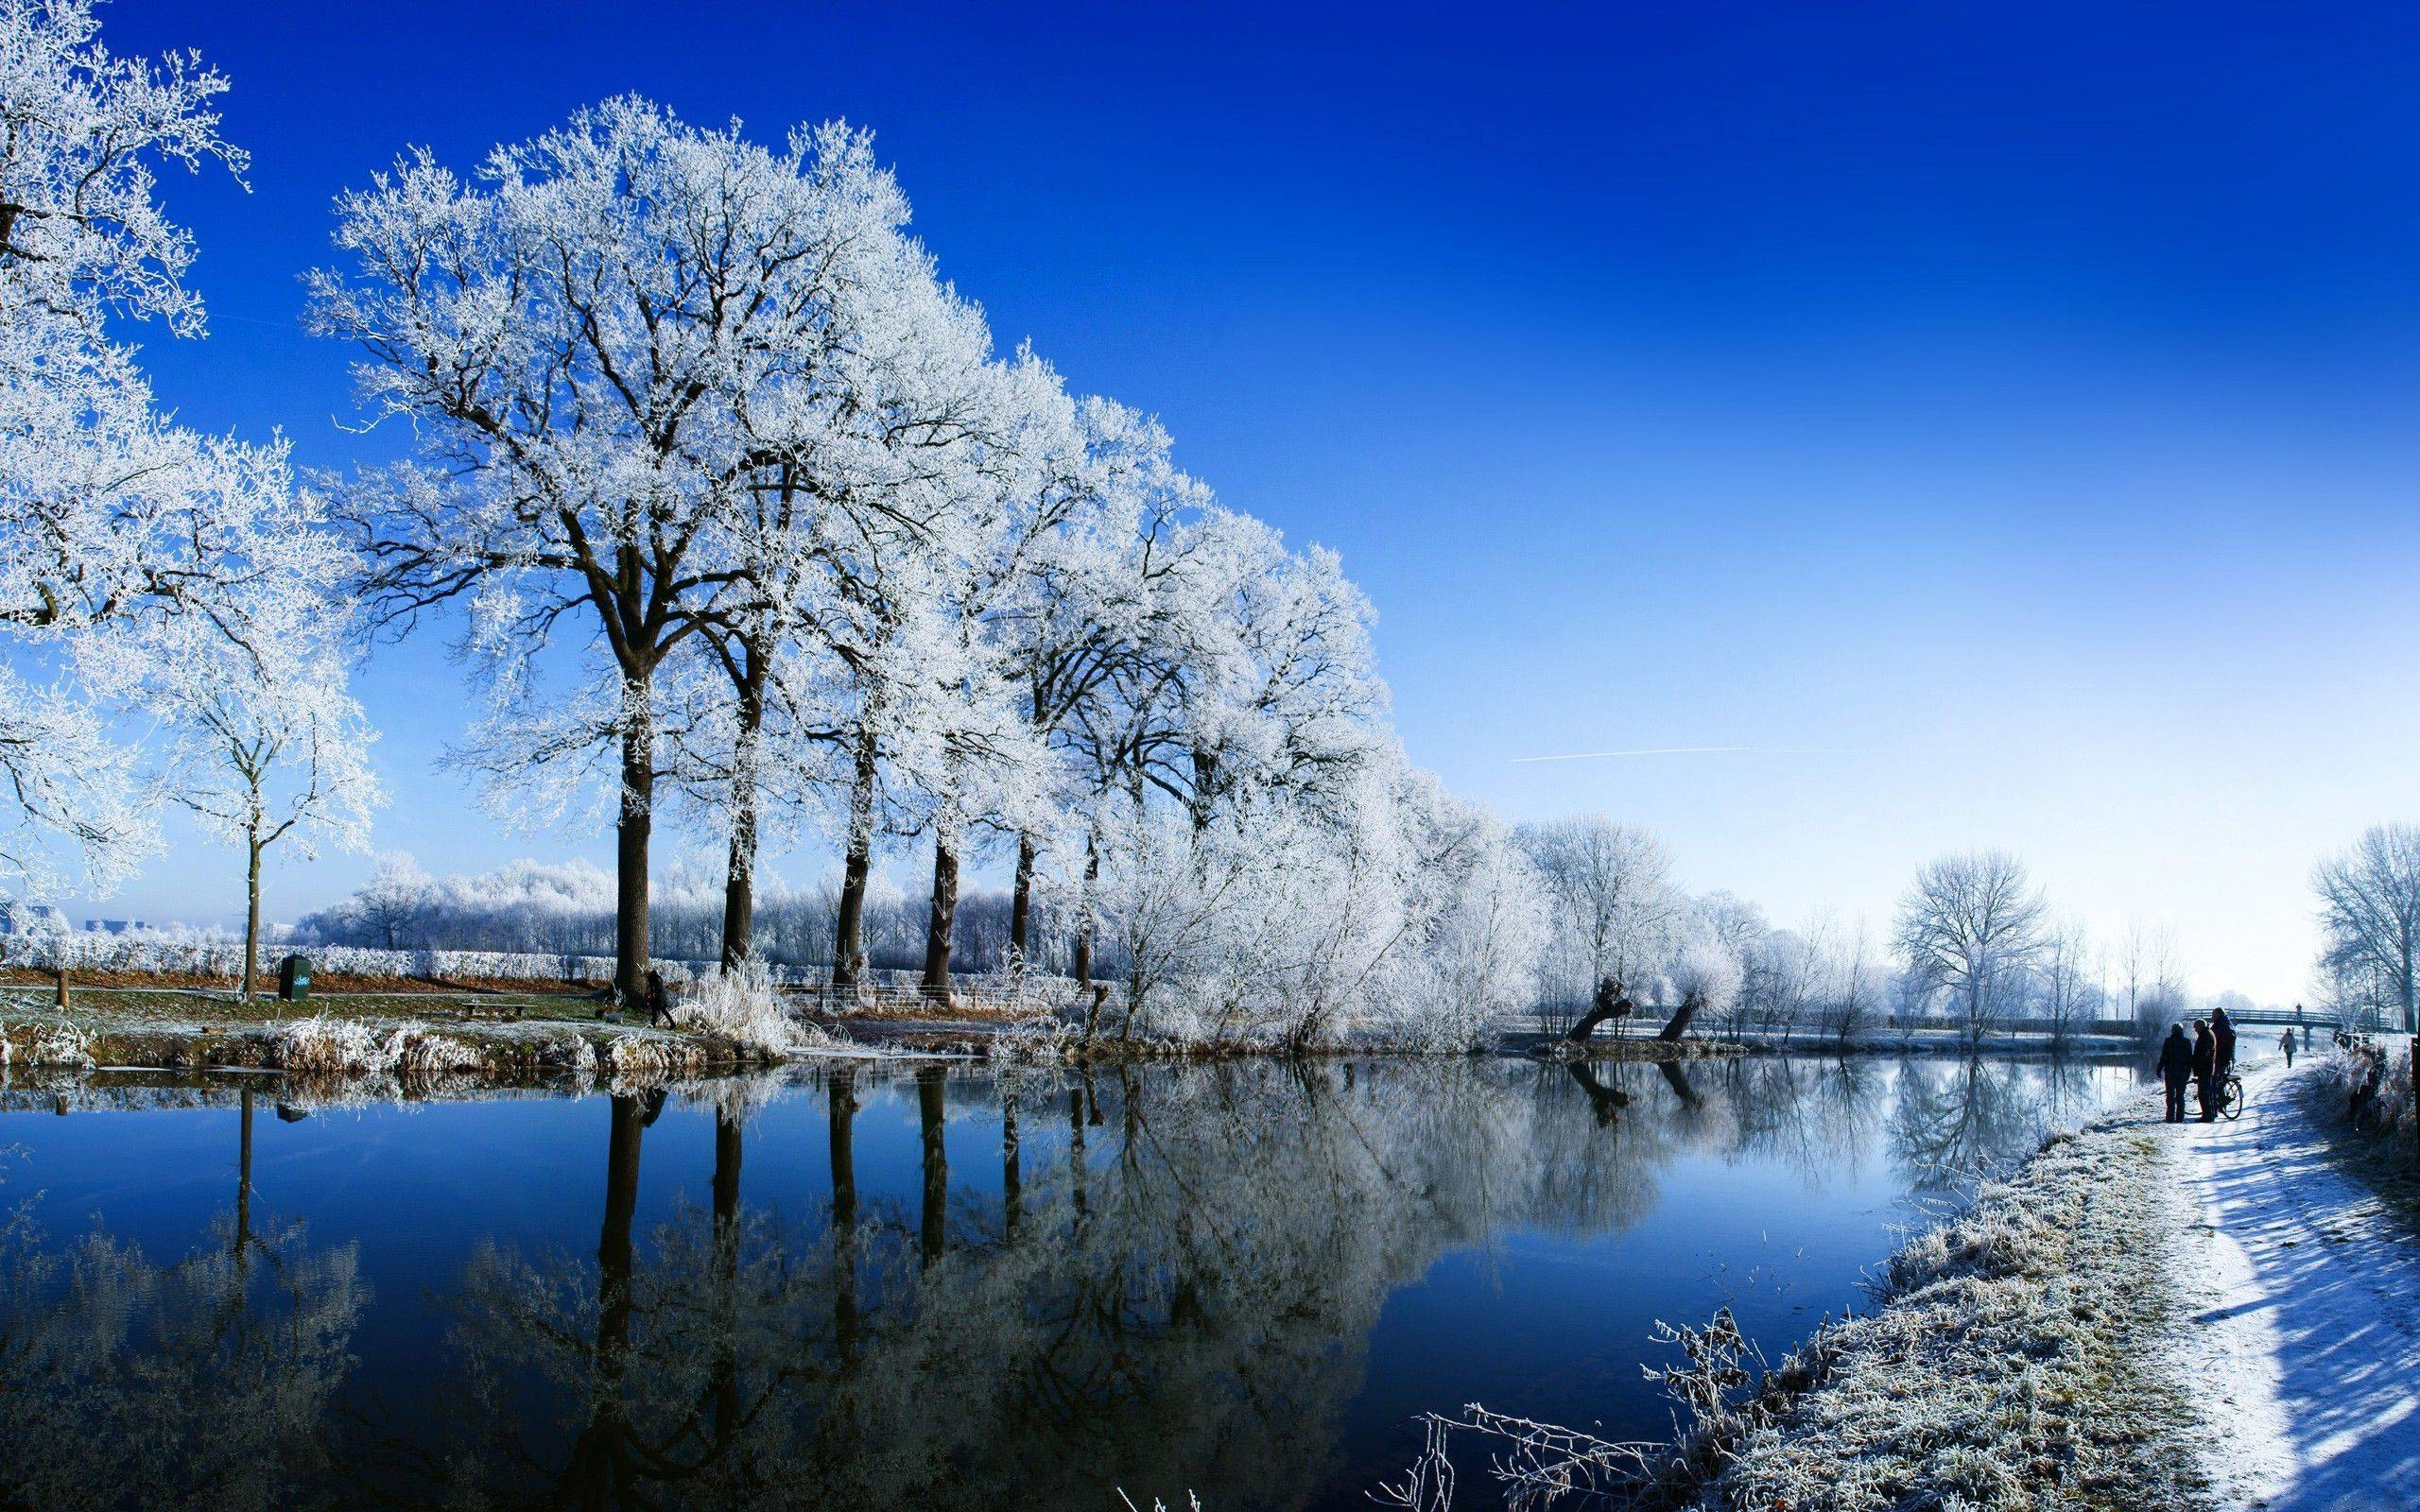 Winter Landscape Wallpapers Top Free Winter Landscape